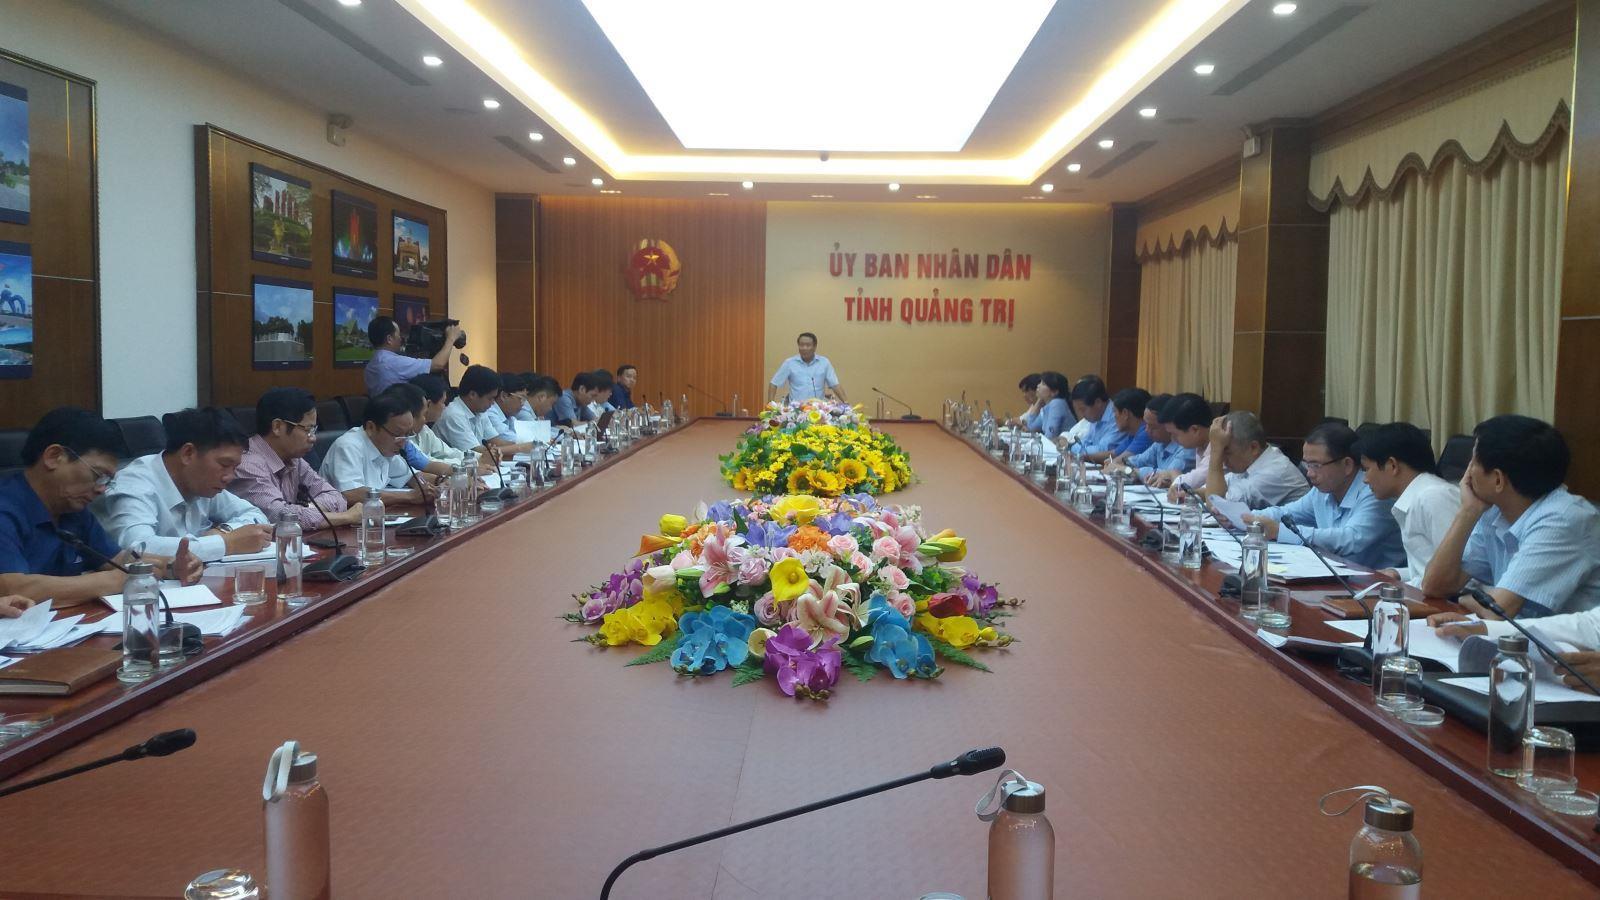 UBND tỉnh tổ chức cuộc họp bàn về xây dựng bảng giá các loại đất giai đoạn 2020-2024